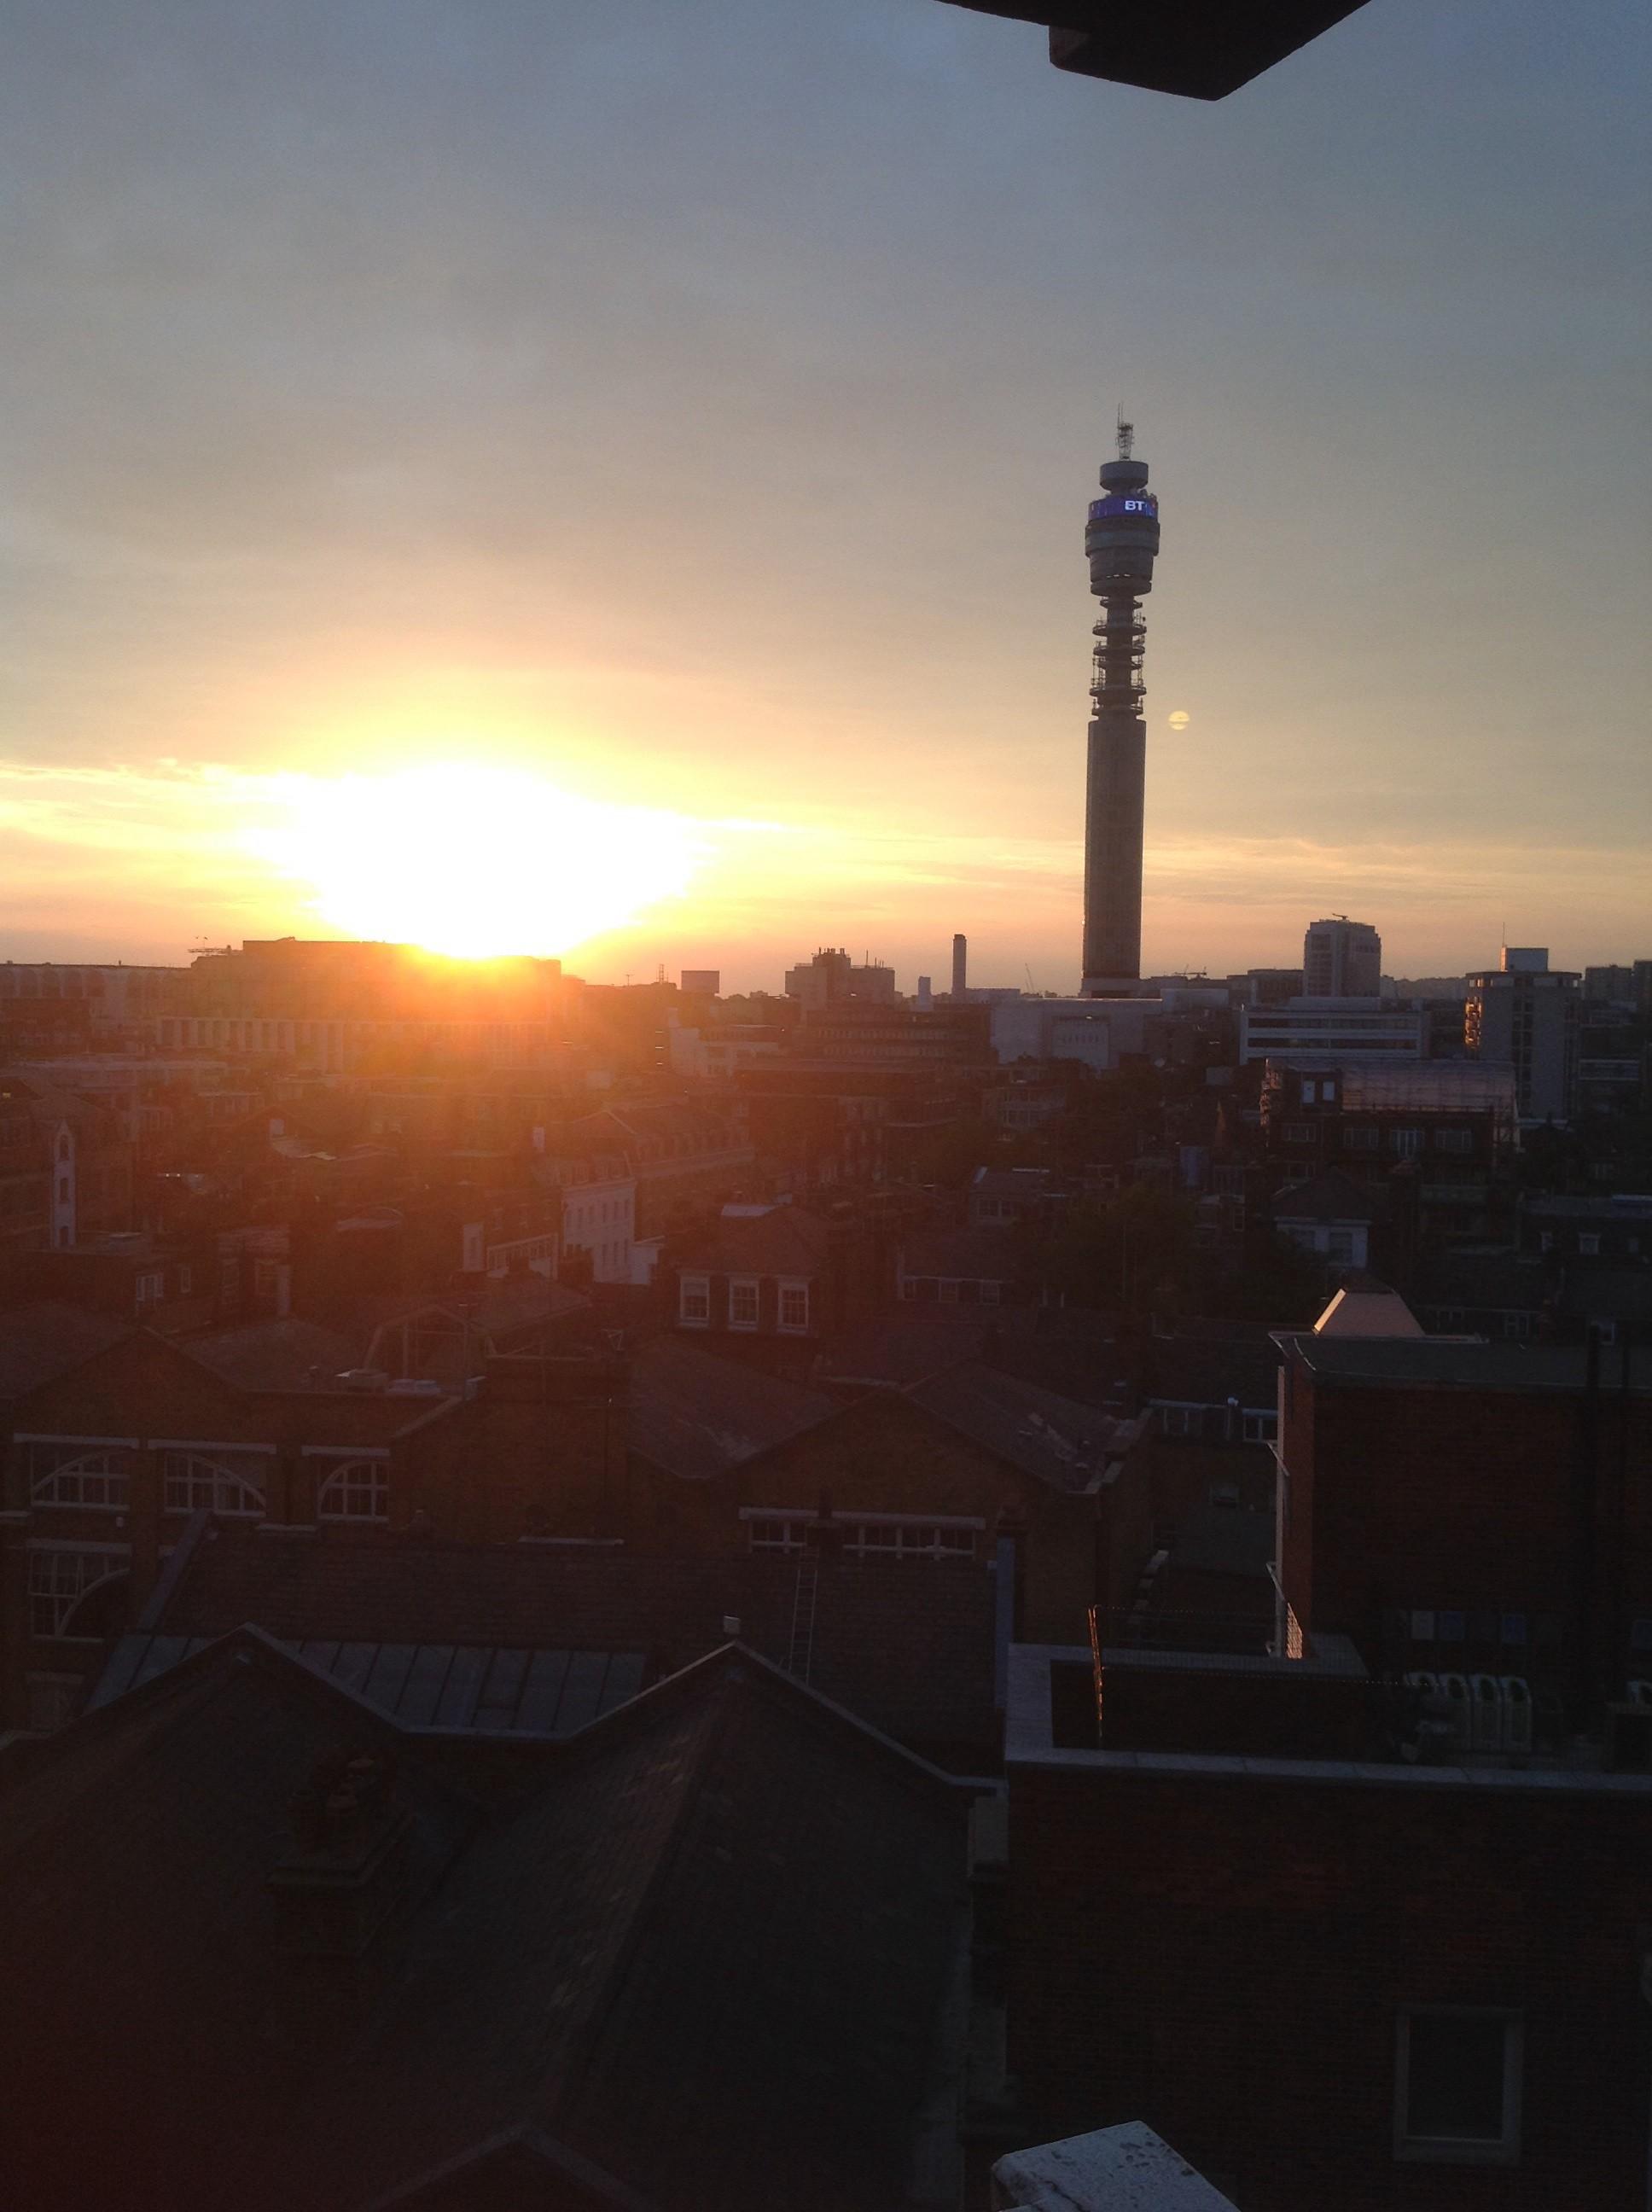 London sunset BT tower